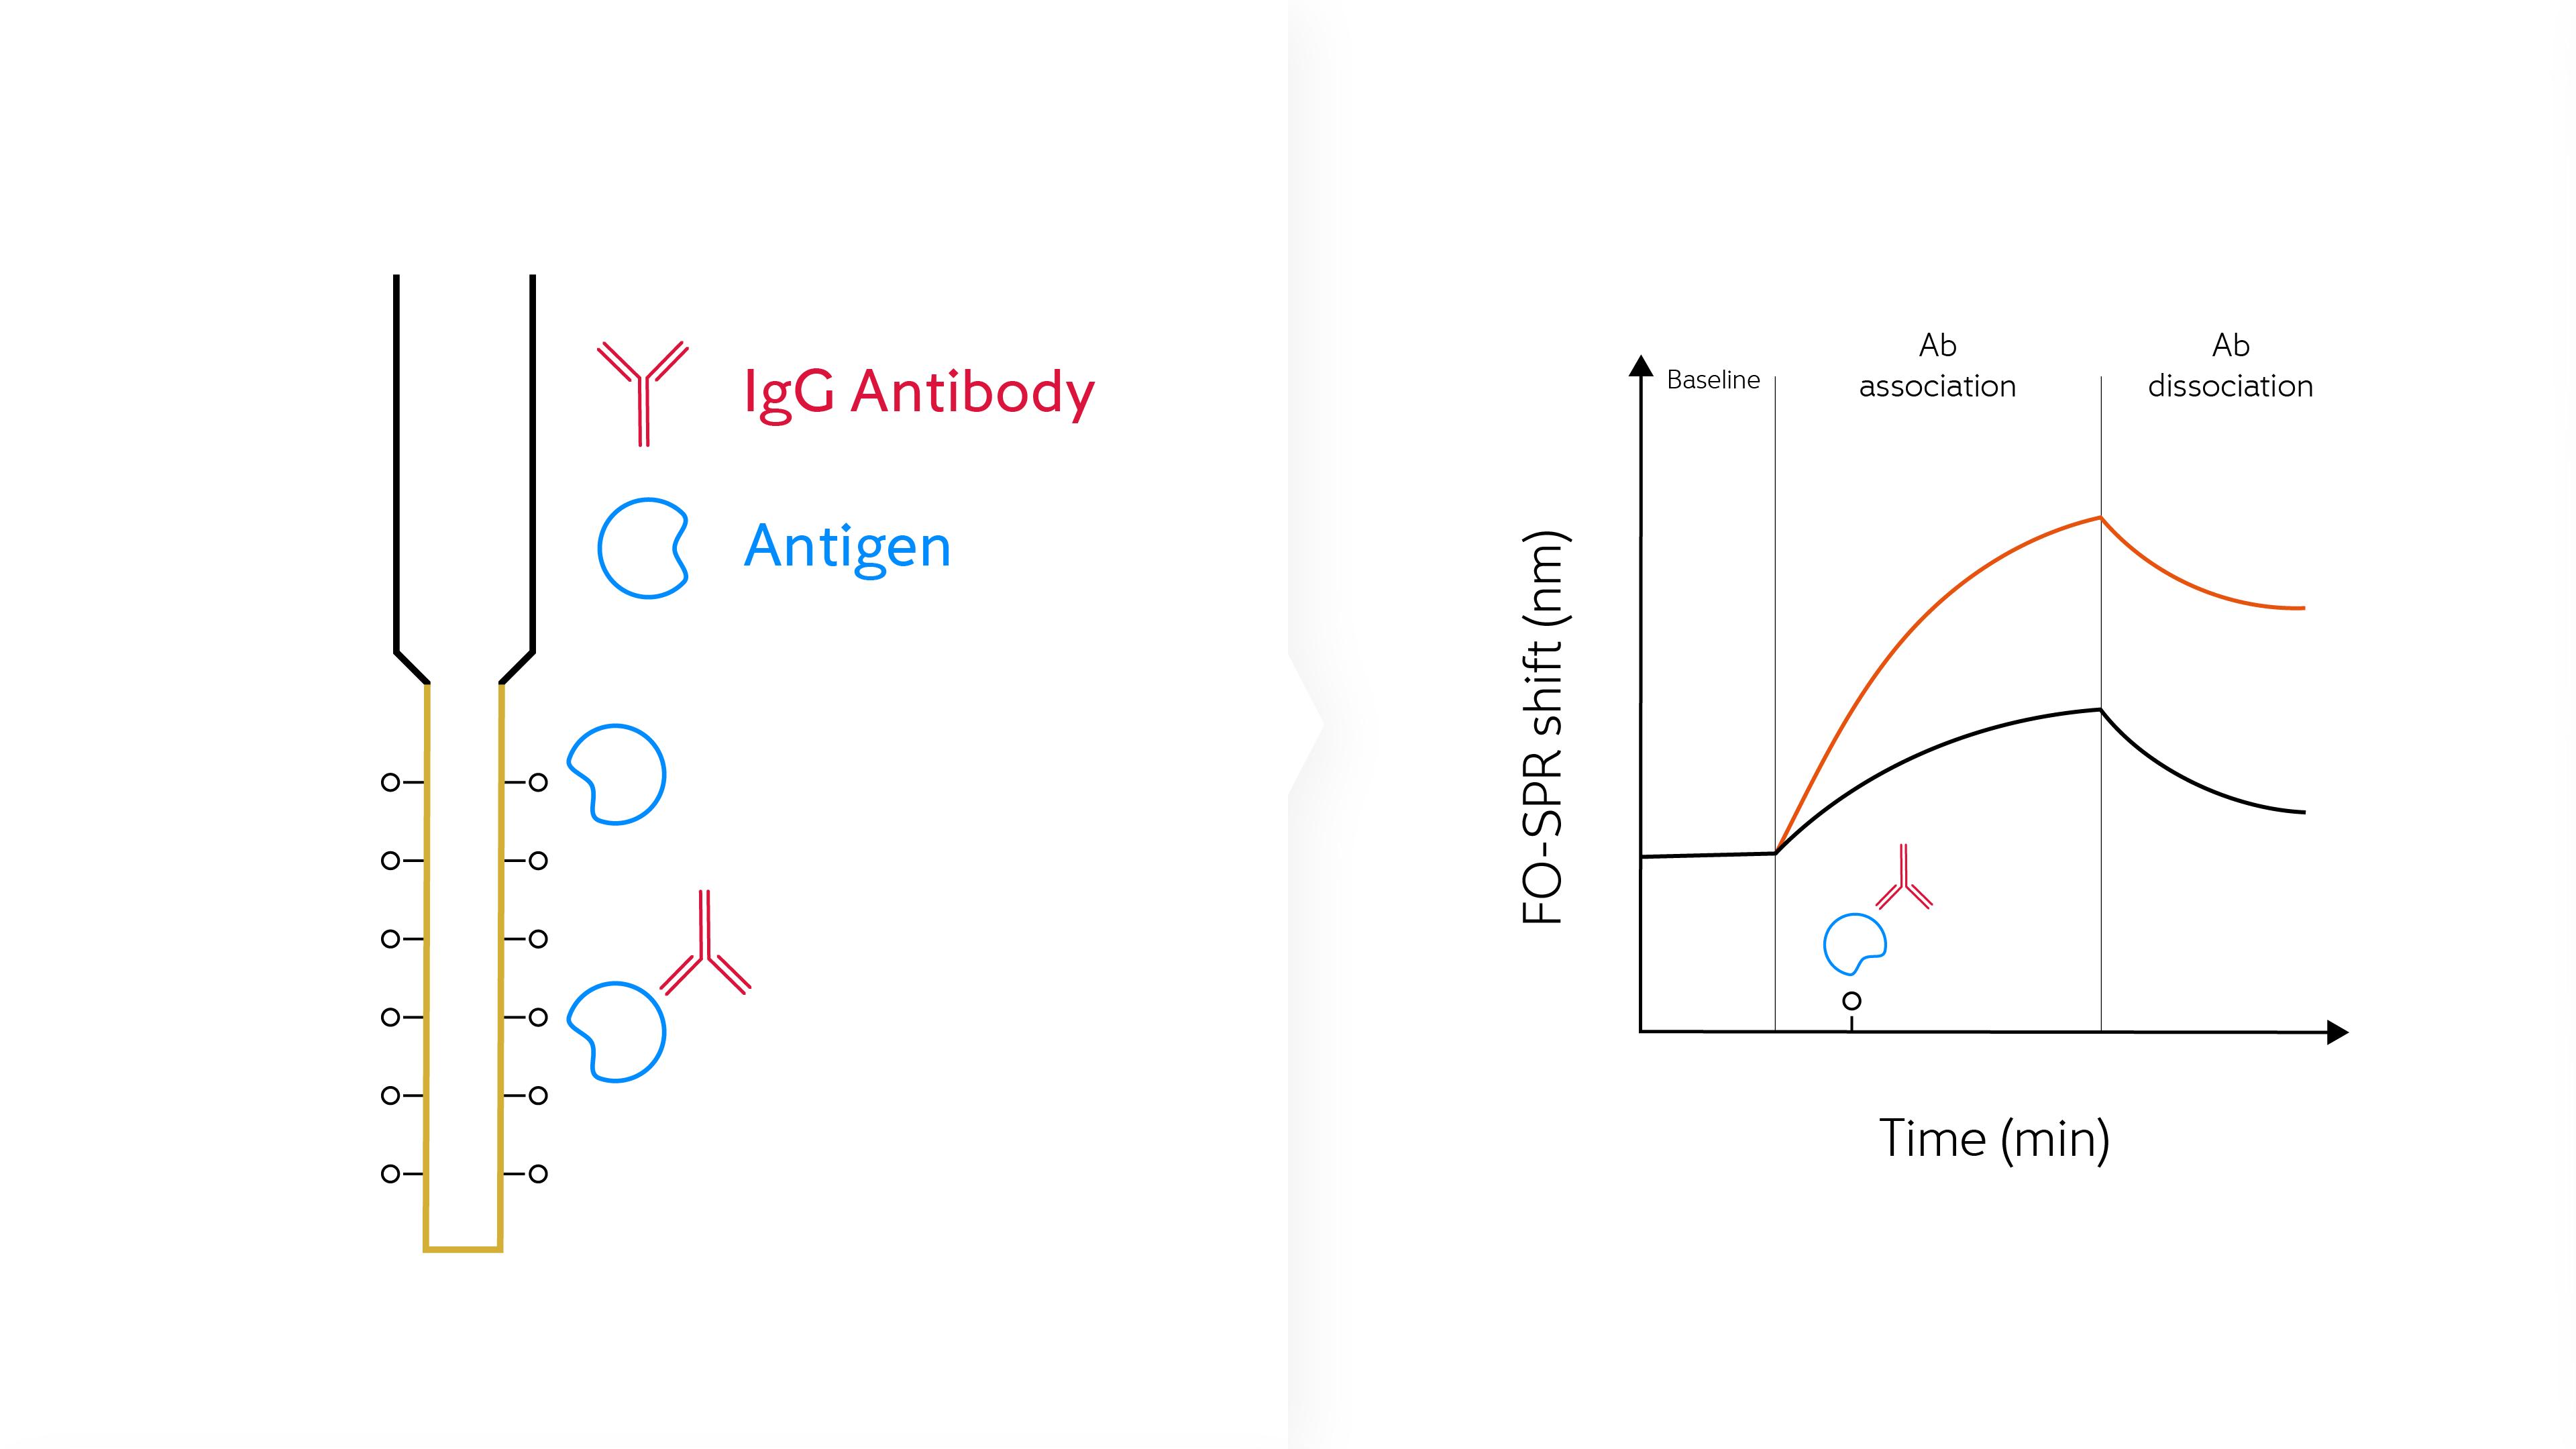 Antibody binding kinetics infographic